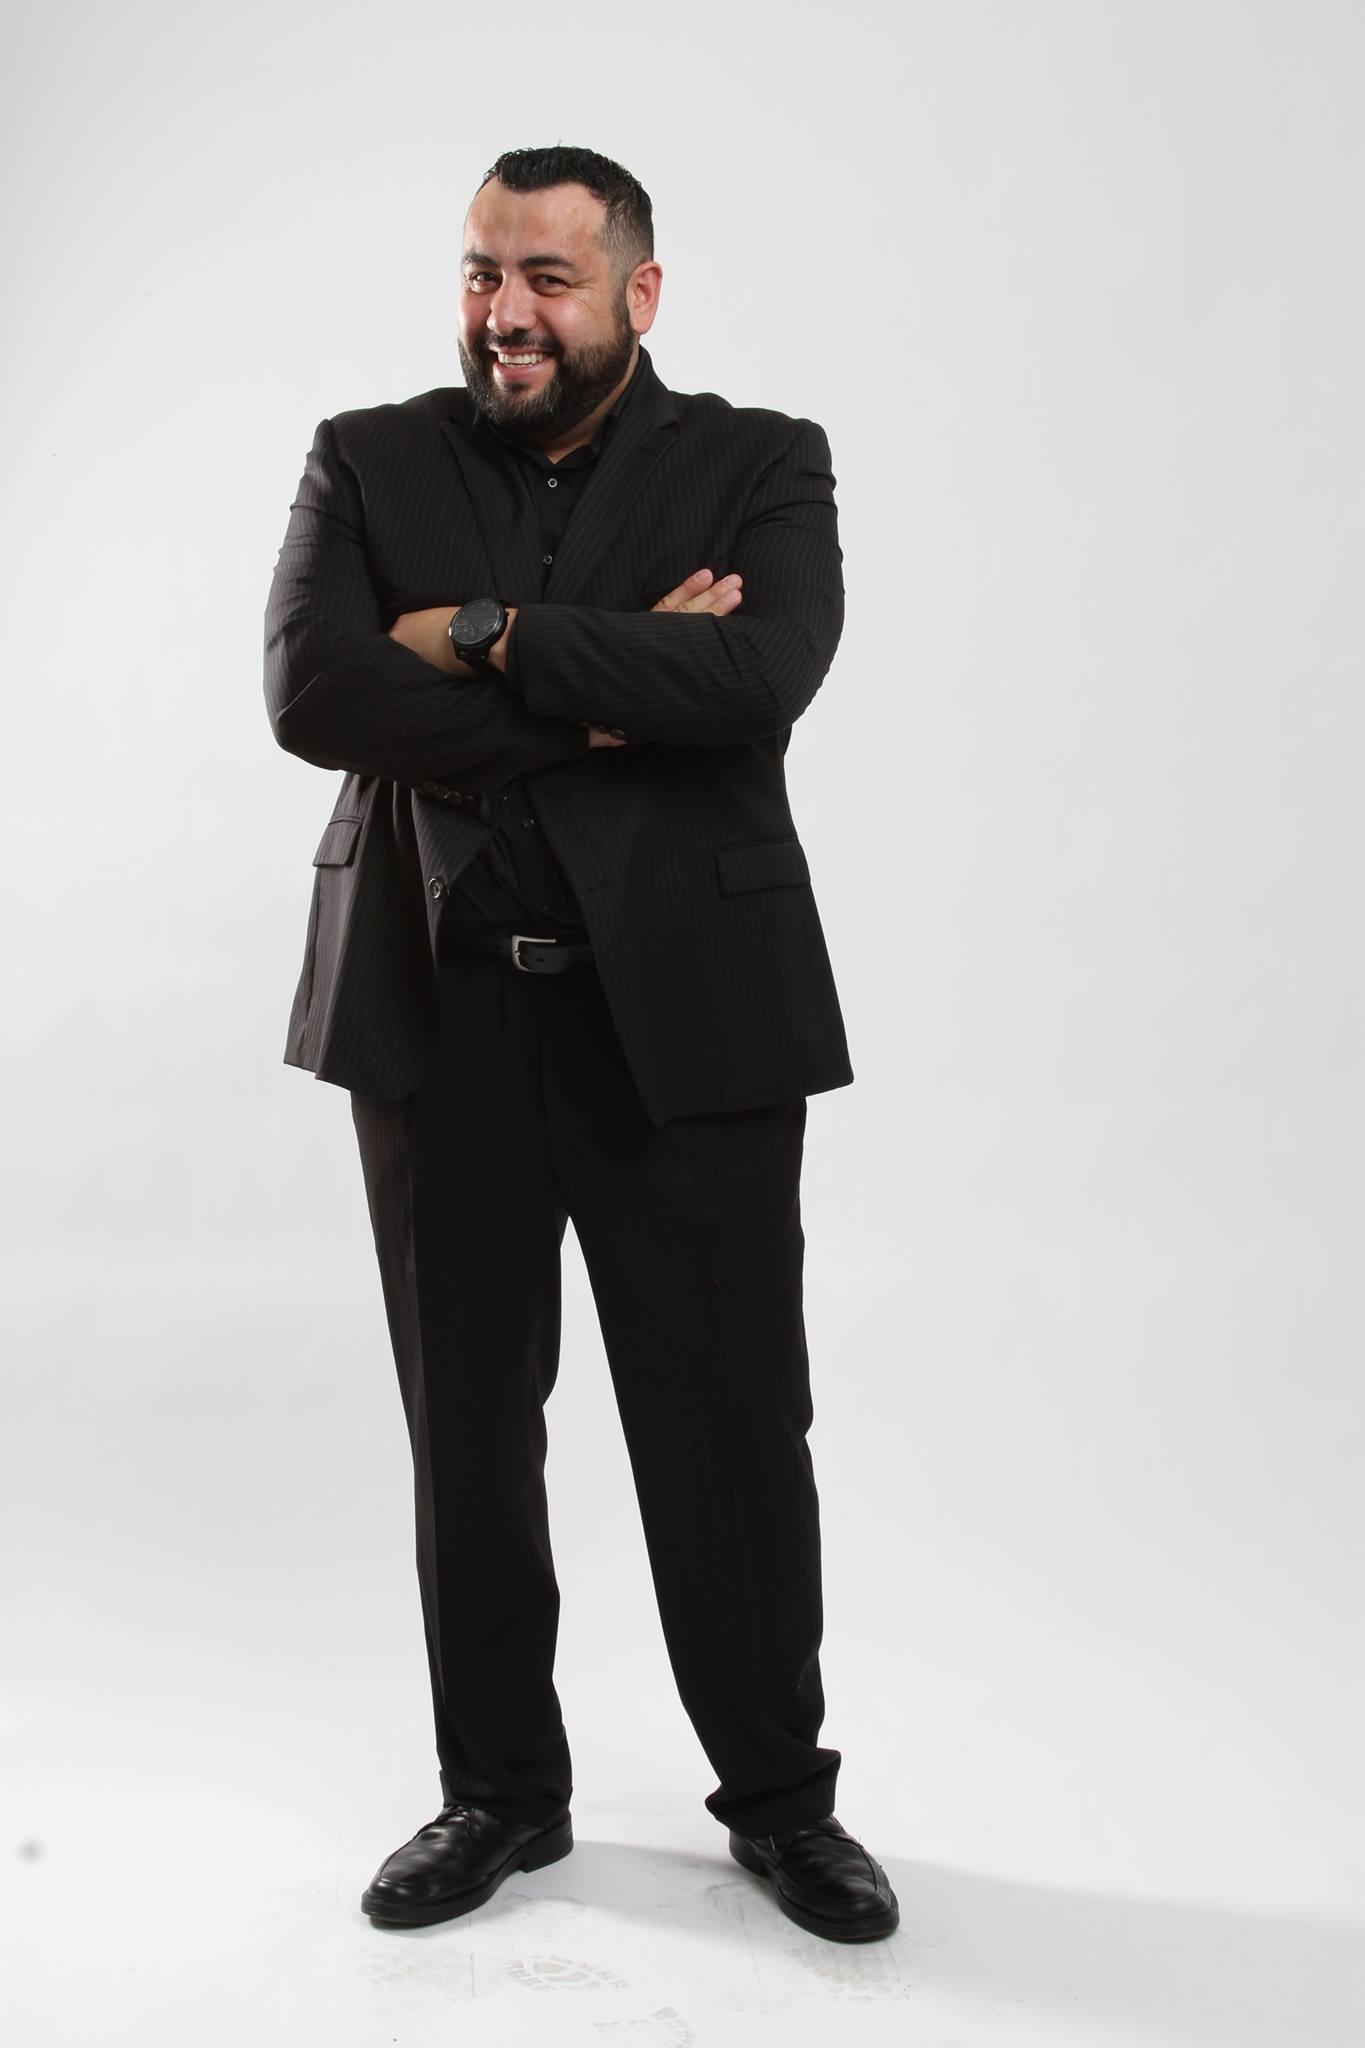 Richard Villa Full Suit Headshot 4